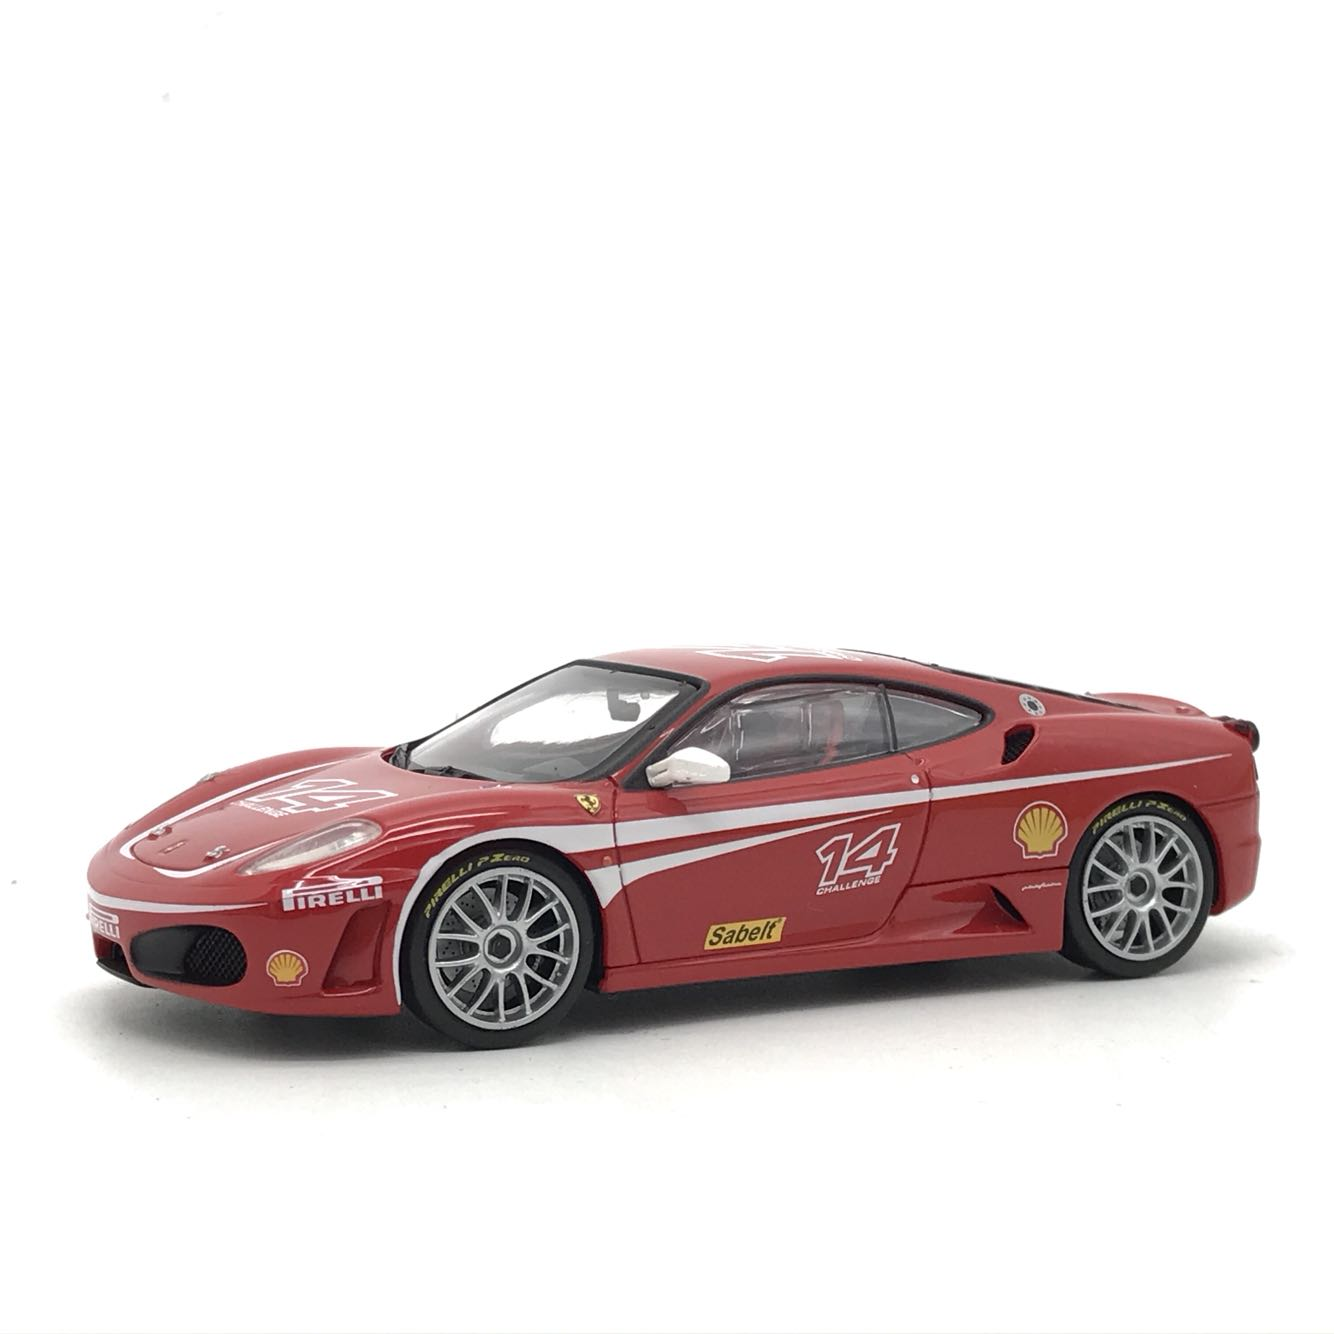 Бутик уровень ! 1:43 F430 название издание автомобиль модель долго 10cm( шасси есть сплав из )